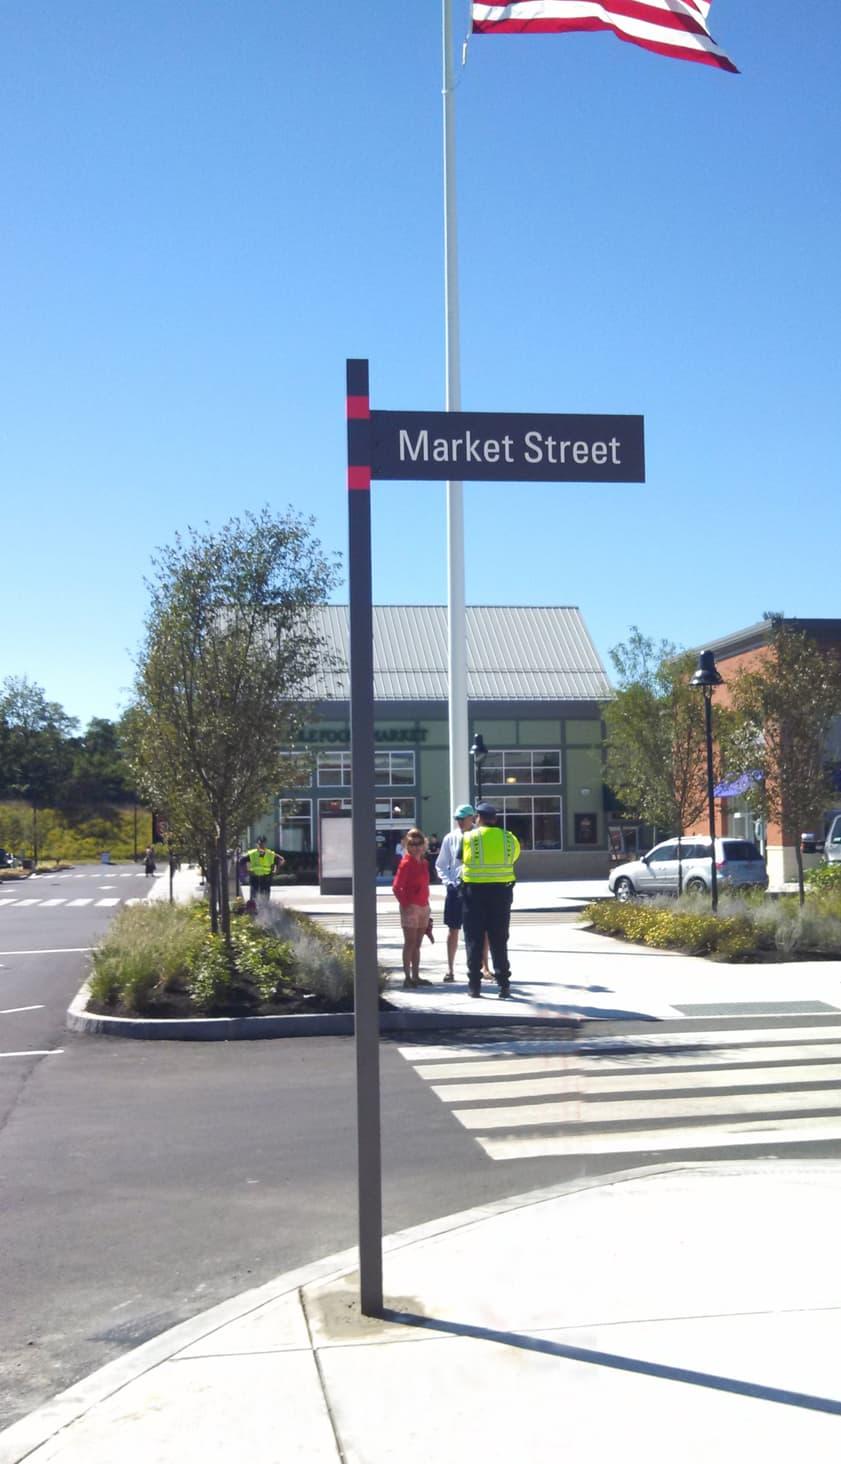 Marketstreet 12